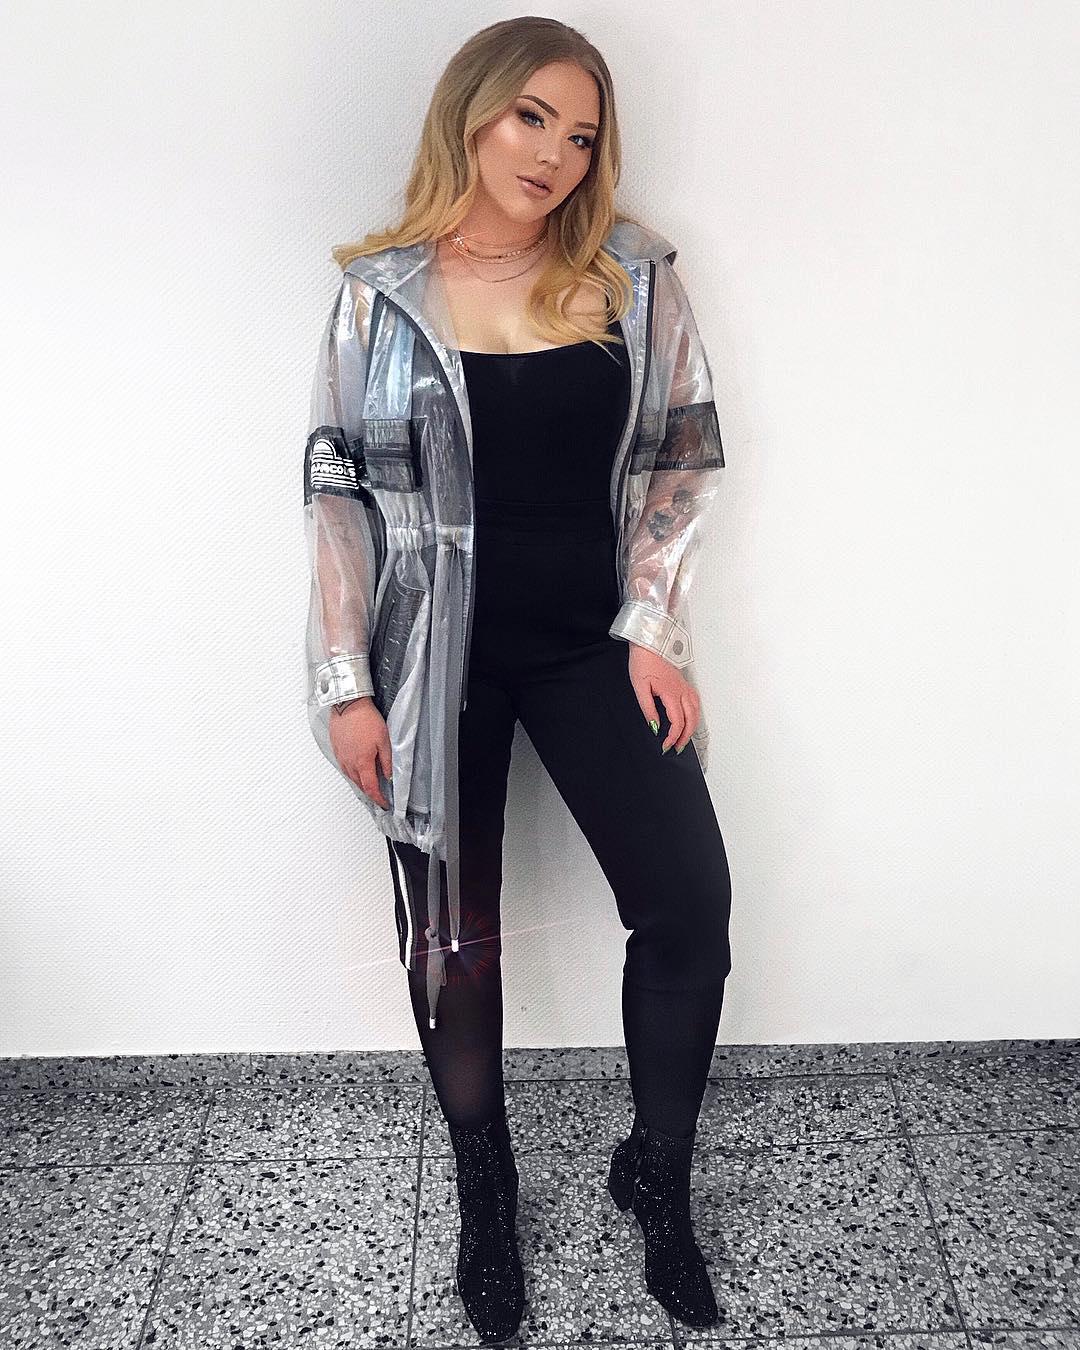 Nikkie de Jager - Bio | Fitness Models Biography